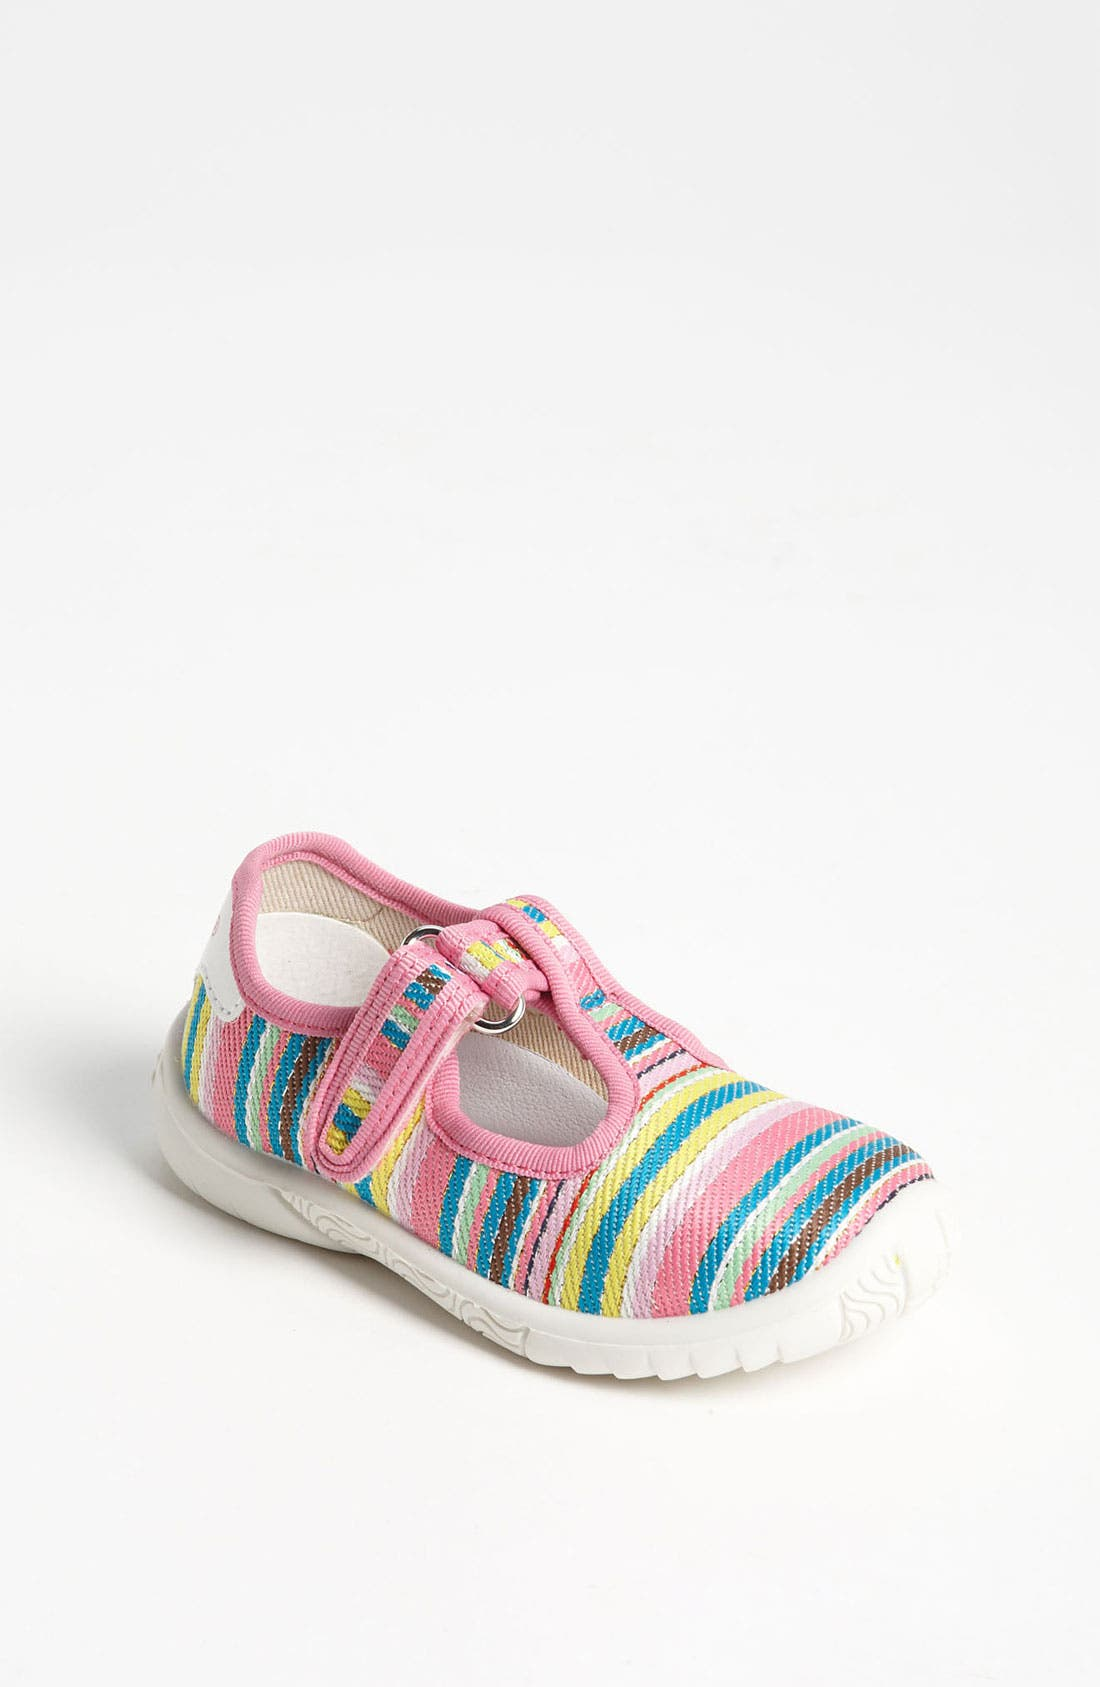 Main Image - Naturino '7477' Mary Jane Sneaker (Baby & Walker)